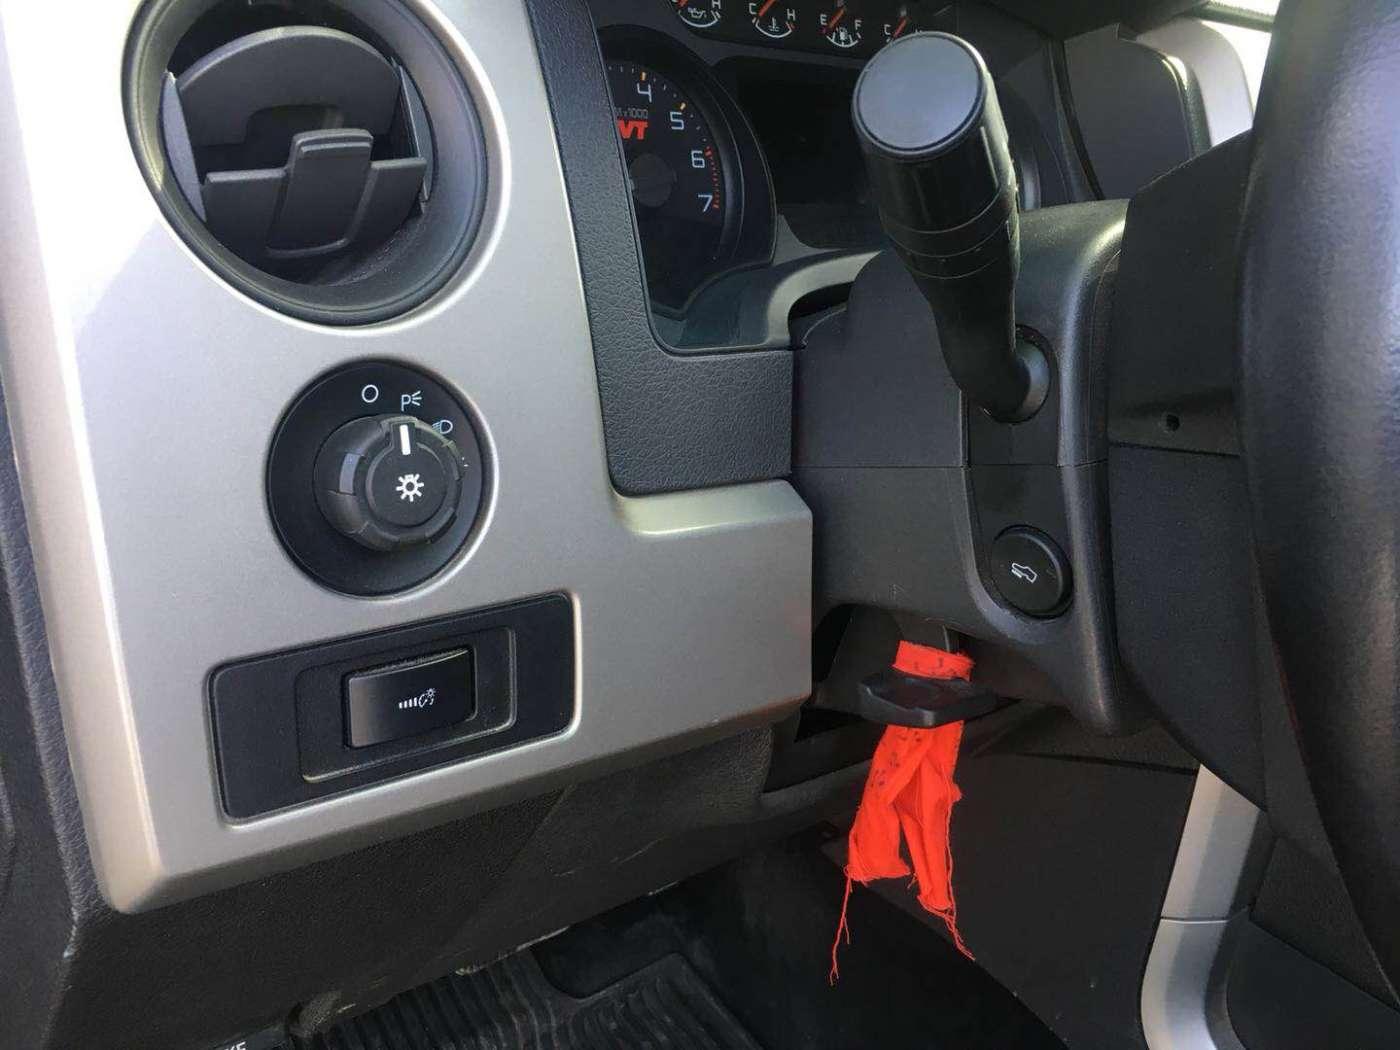 2012年12月 福特F-150 2011款 6.2L SVT Raptor SuperCab|甄选福特-北京卡斯基汽车服务有限公司